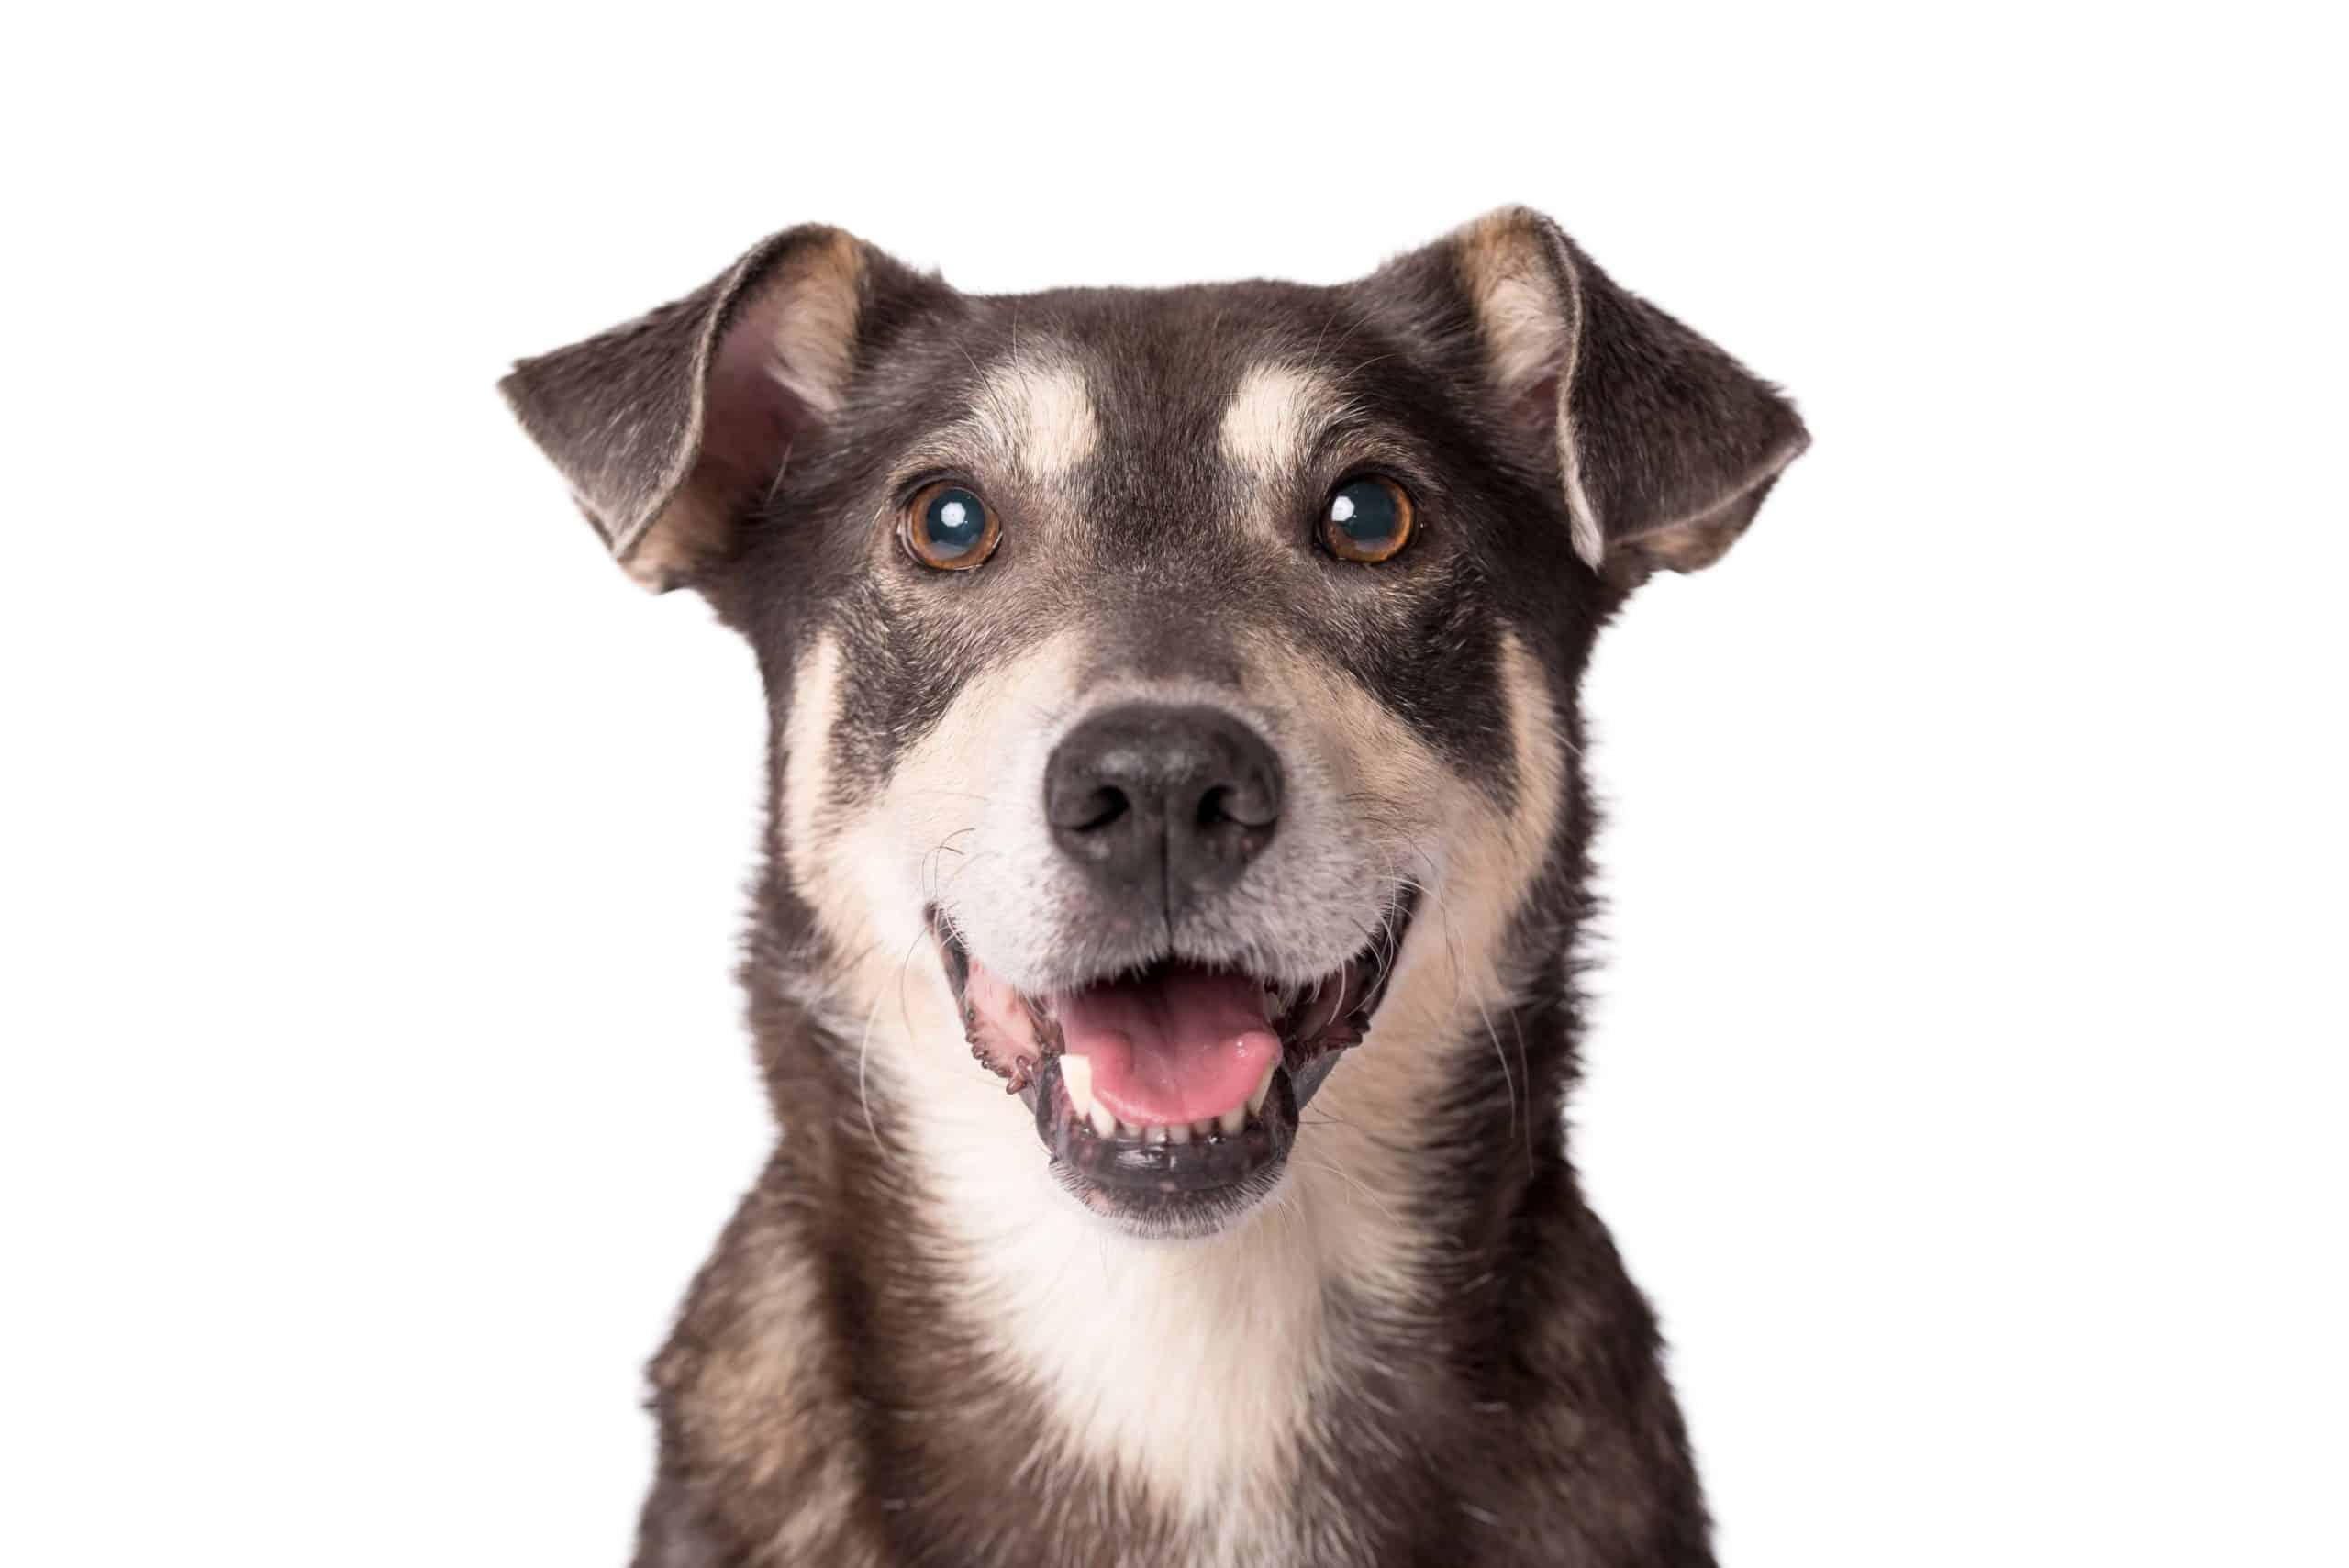 Happy dog on white background.